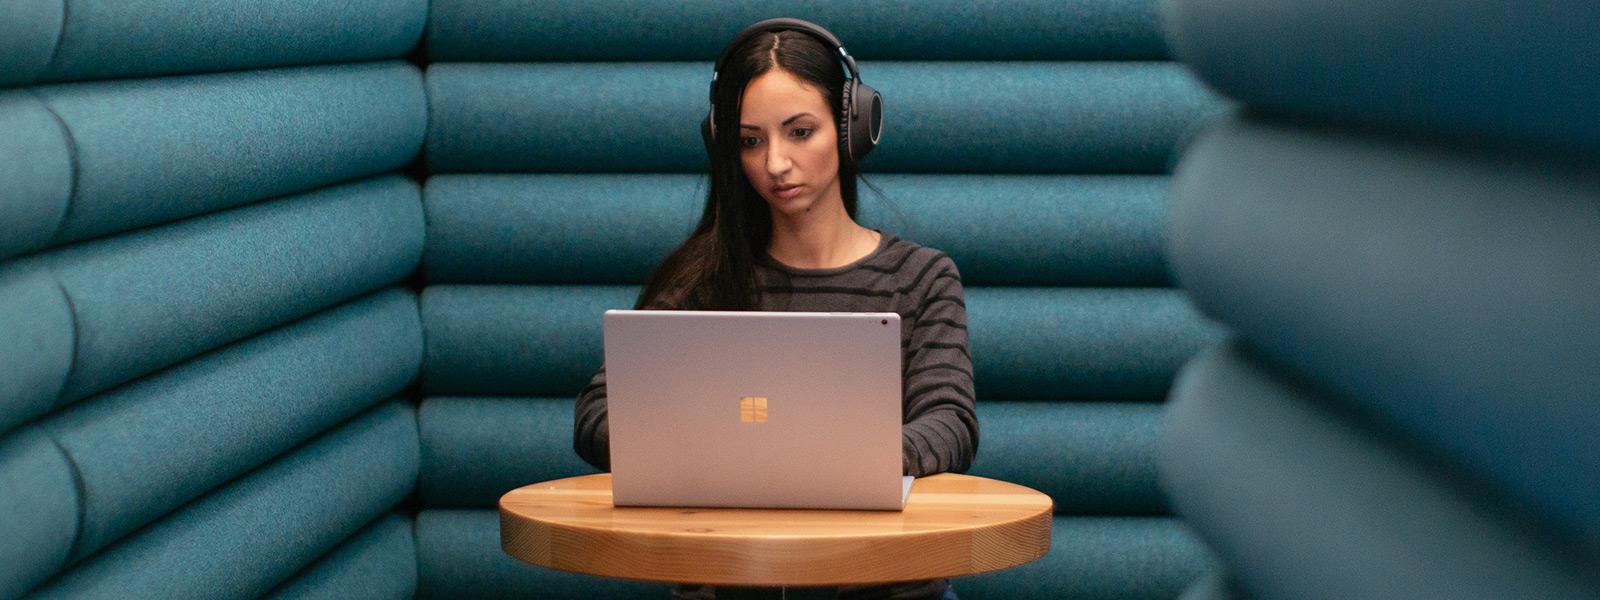 有個女人獨自安靜地坐著,戴著耳機,在她的 Windows 10 電腦上工作